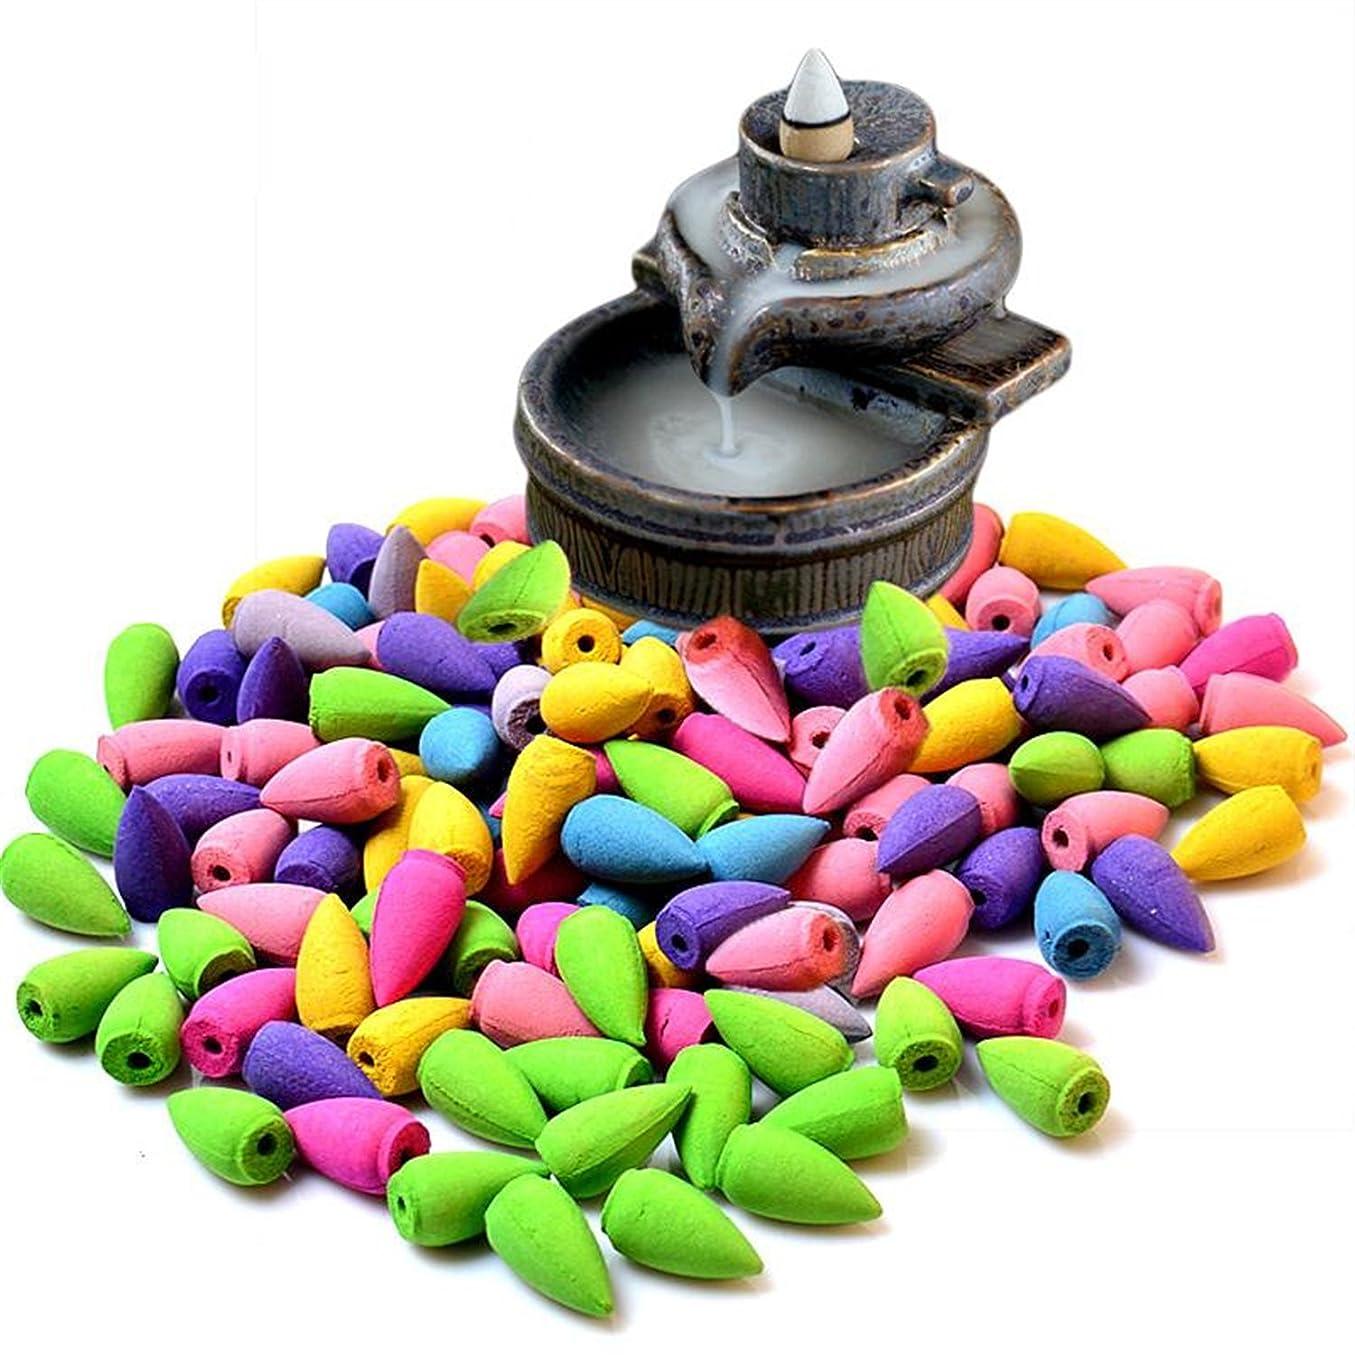 トーク受動的超えるECYC Rerro  陶器の香炉 室内用バックフローつり香炉 アロマセラピー用の香立て  収集可能 B01LC3EI7O